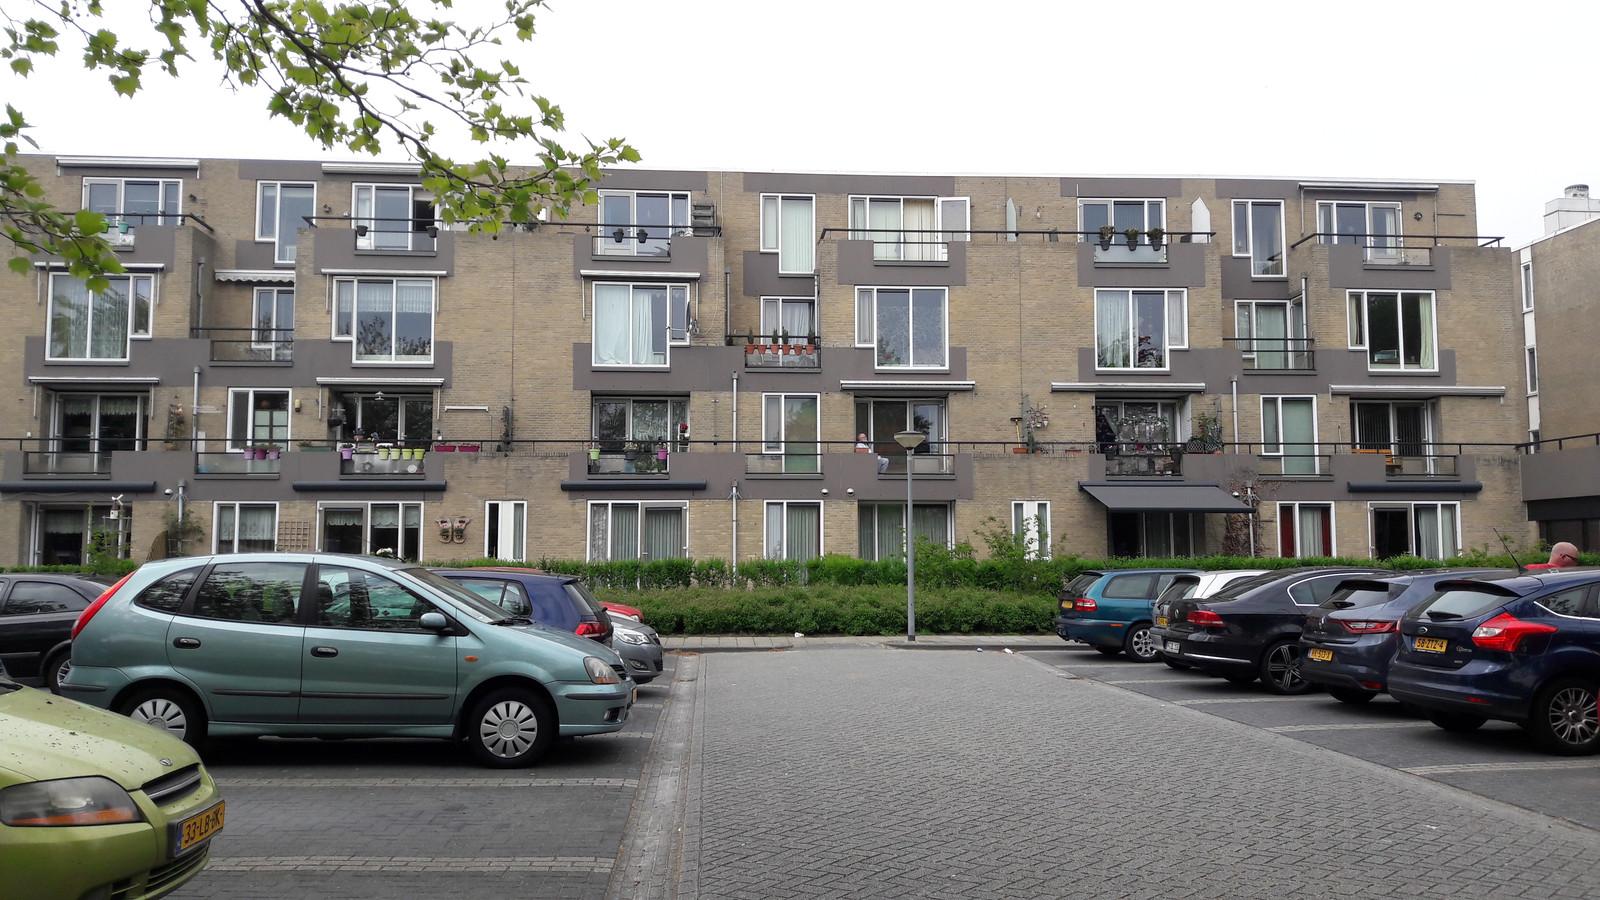 Apparmentencomplex Het Rode Klif in Lelystad.